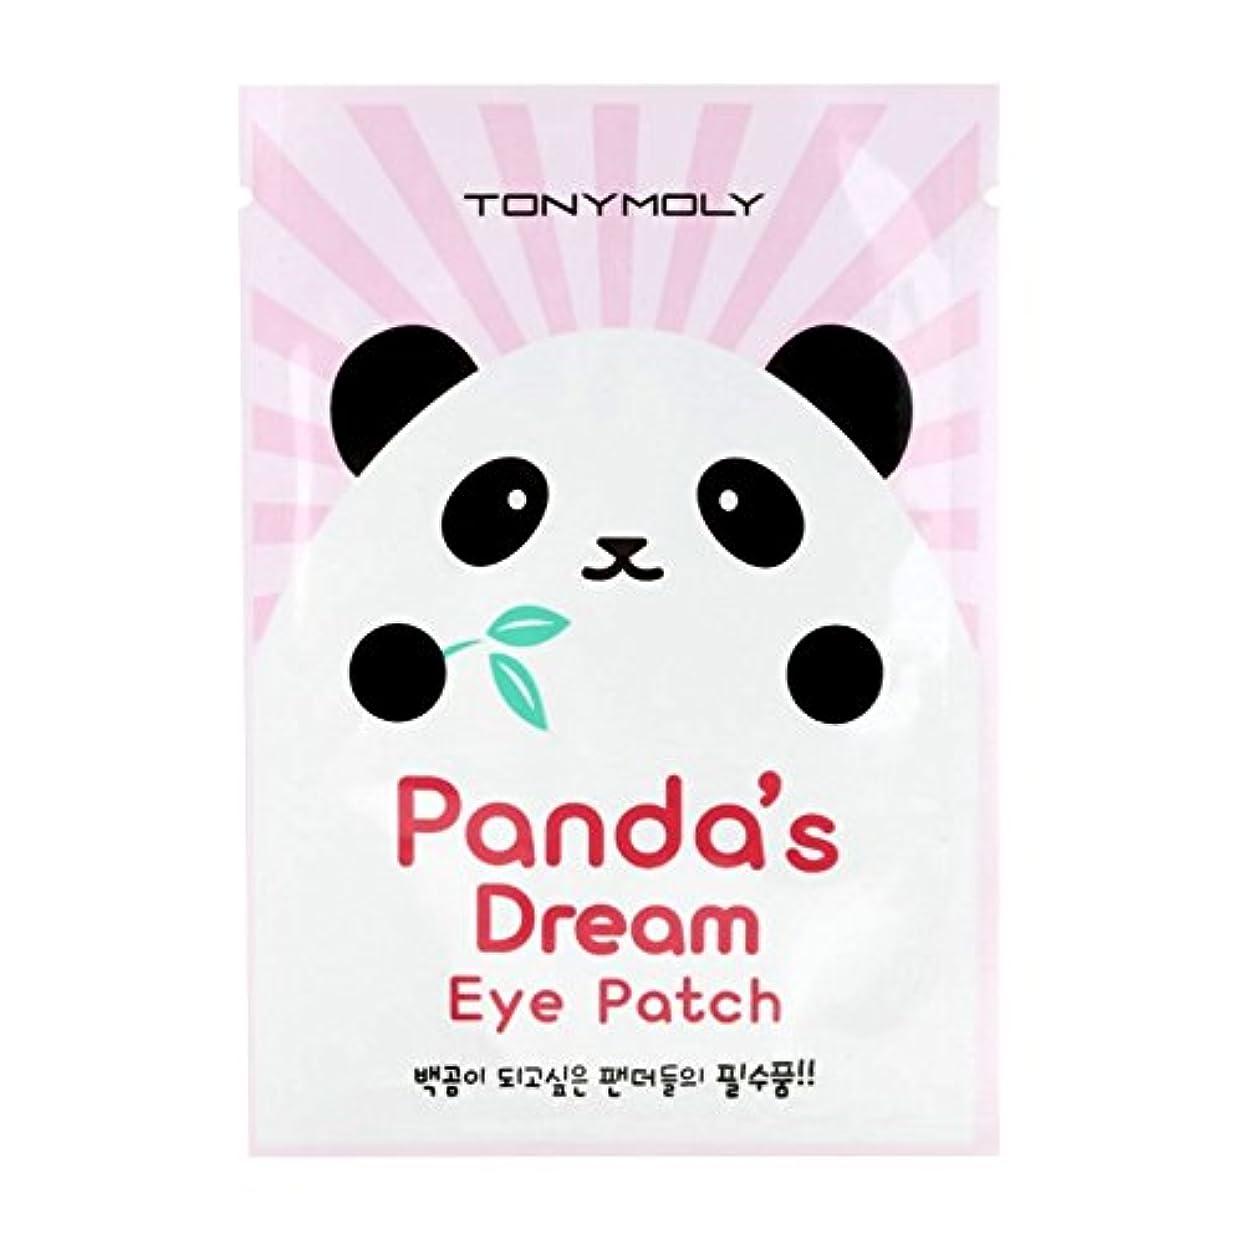 前部摂氏度スカープ(3 Pack) TONYMOLY Panda's Dream Eye Patch (並行輸入品)